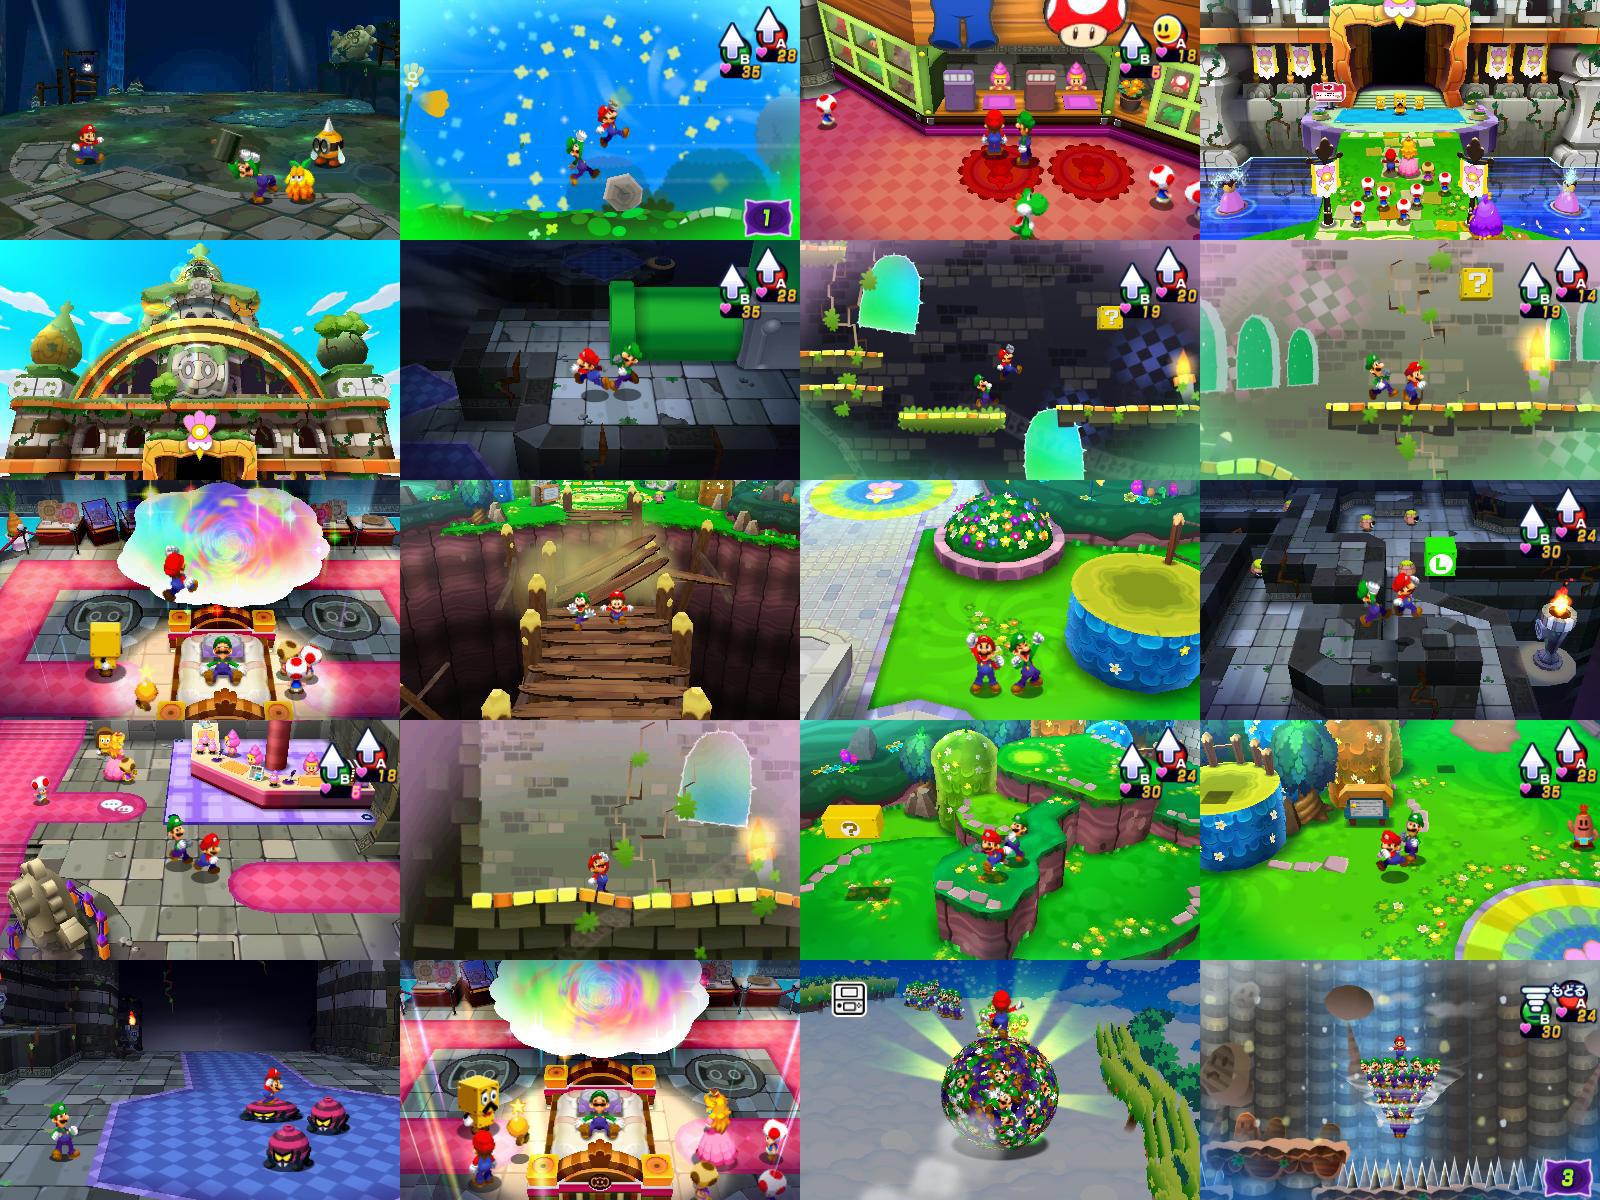 El Pixel Art 3d De Mario Luigi Dream Team Hobbyconsolas Juegos